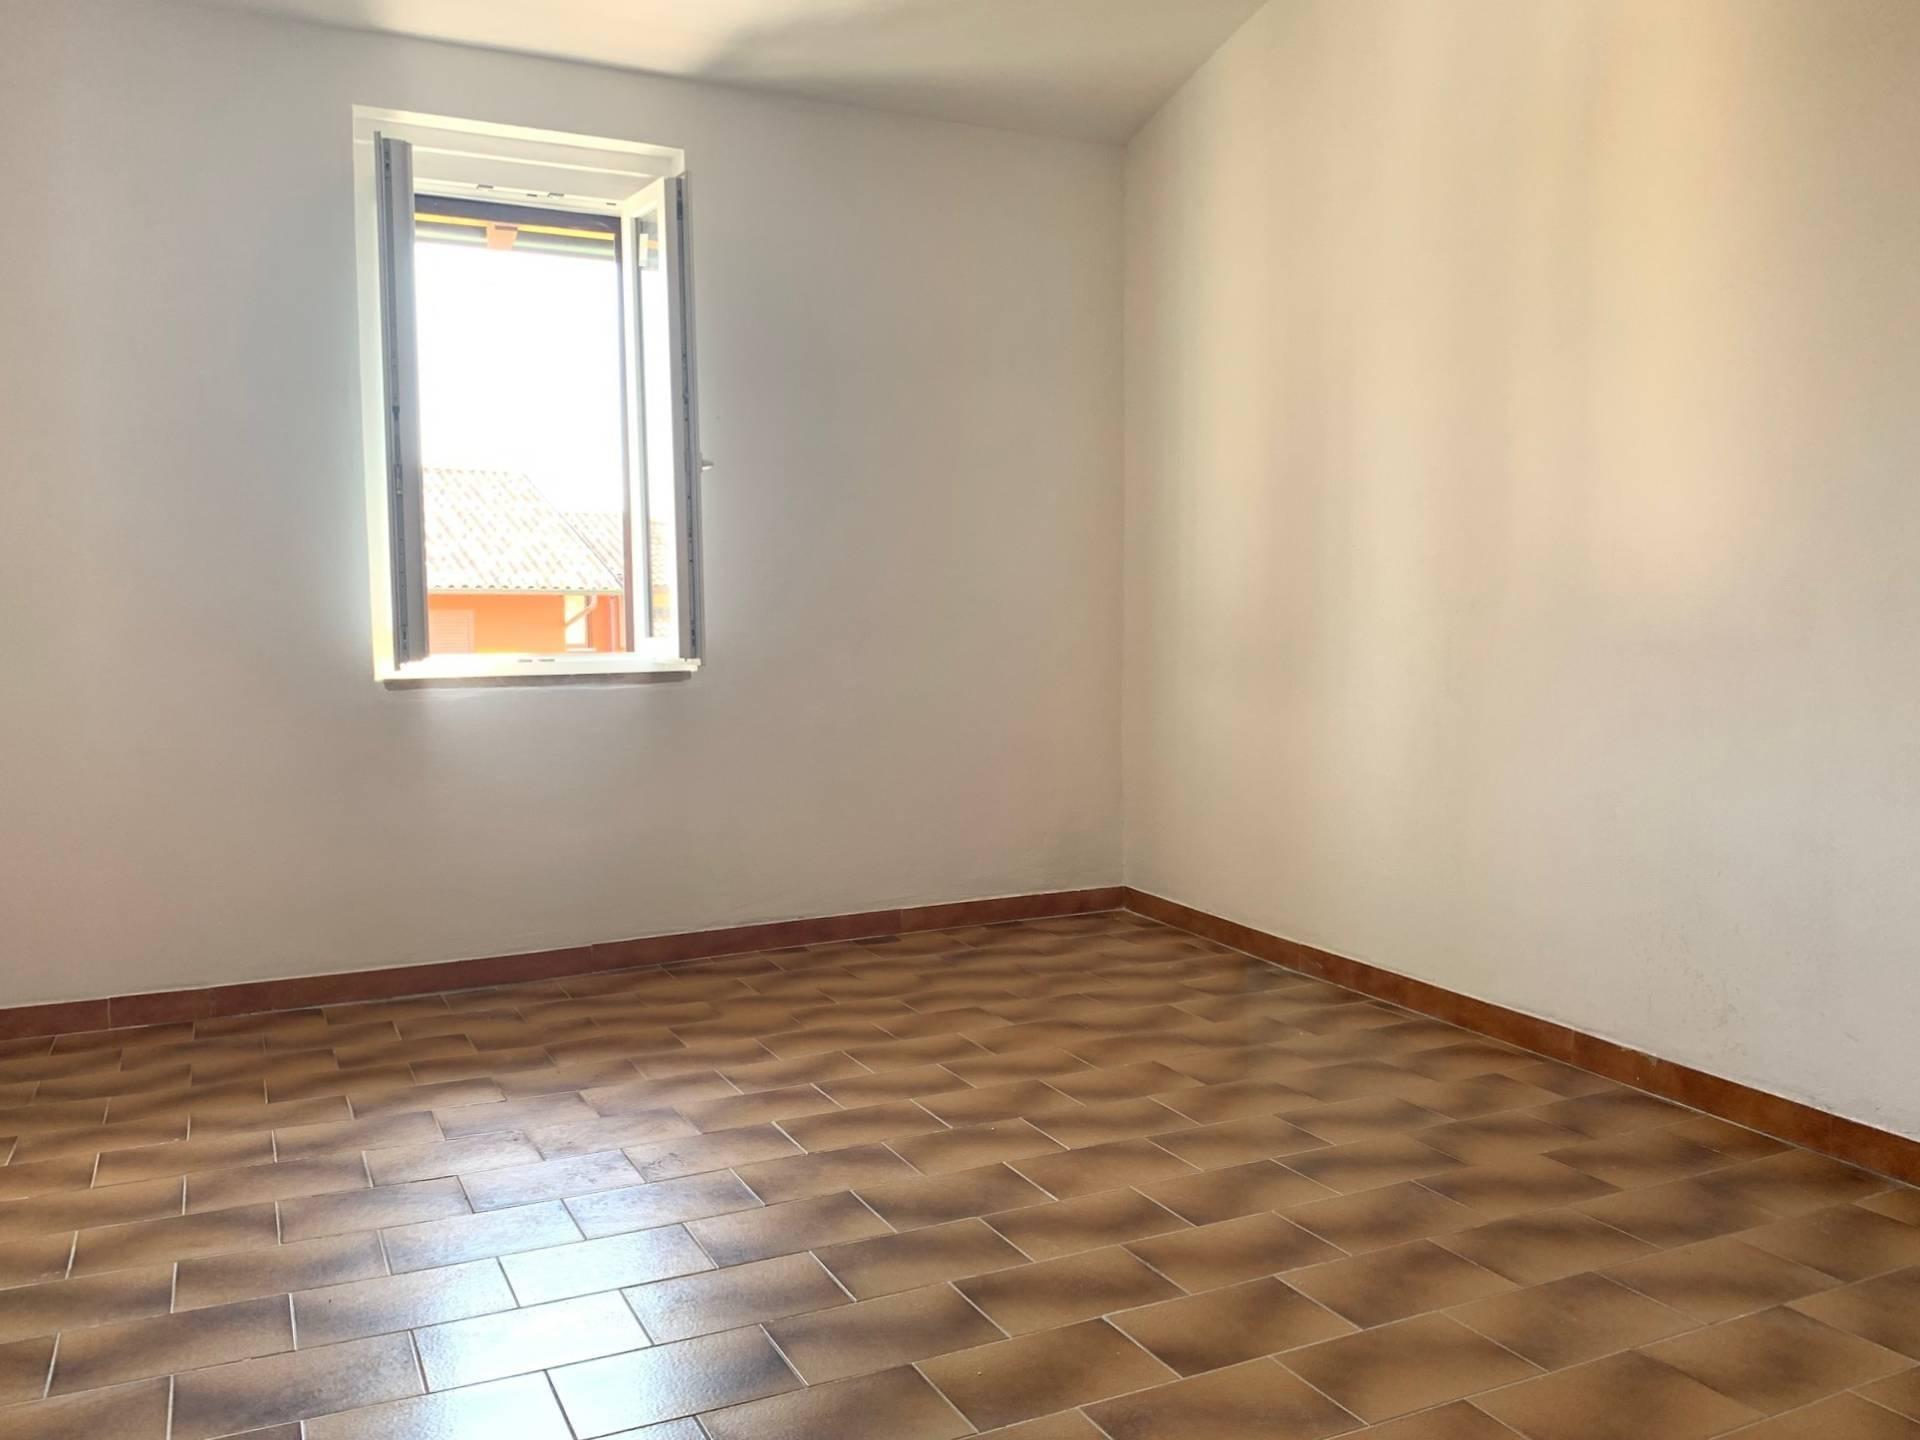 Appartamento in vendita a Binago, 2 locali, zona llo, prezzo € 85.000   PortaleAgenzieImmobiliari.it